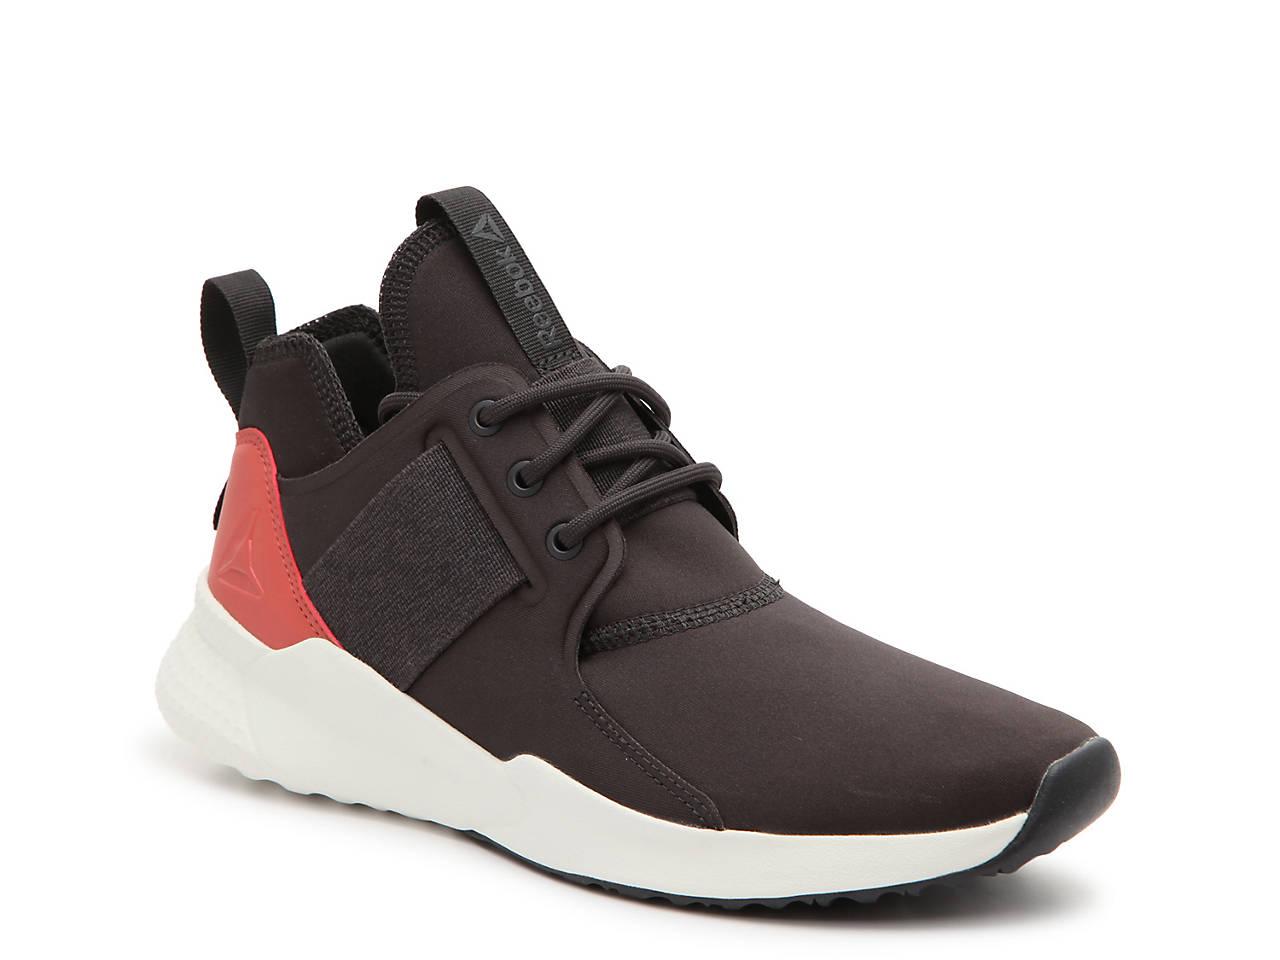 half off 98015 e60f9 Reebok. Guresu 1.0 Training Shoe ...